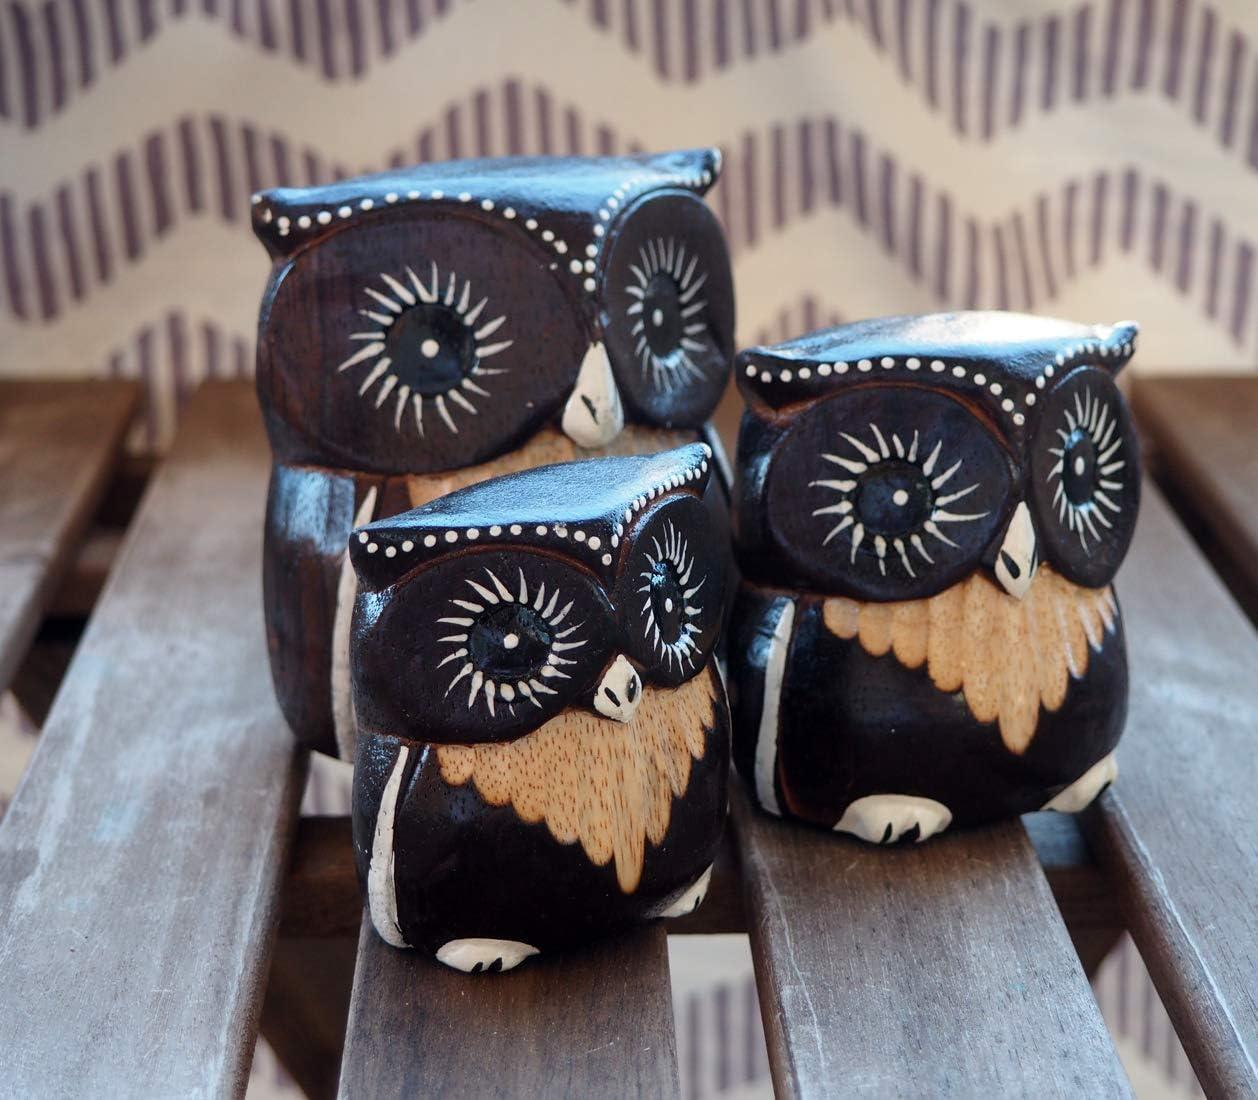 GOS Best Supplies Set de 3 Buhos Decorativos Adornos Hechos en Madera Mesa Sobremesa| Hogar Sal/ón Cocina Jardin